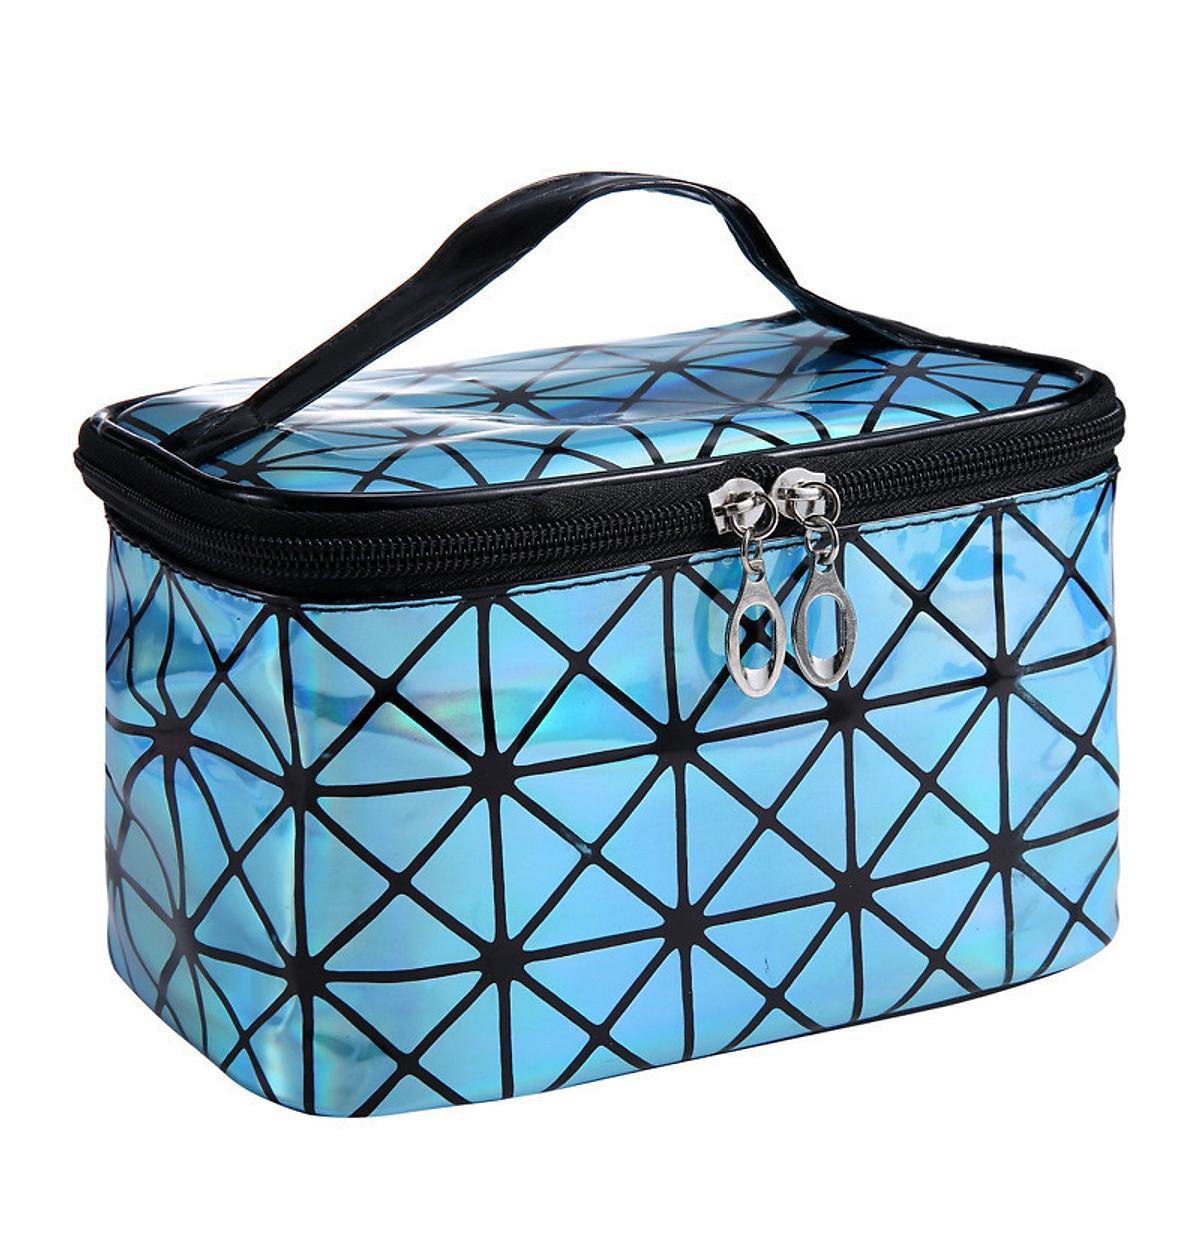 Túi đựng mỹ phẩm cá nhân Chất liệu TPU & Da